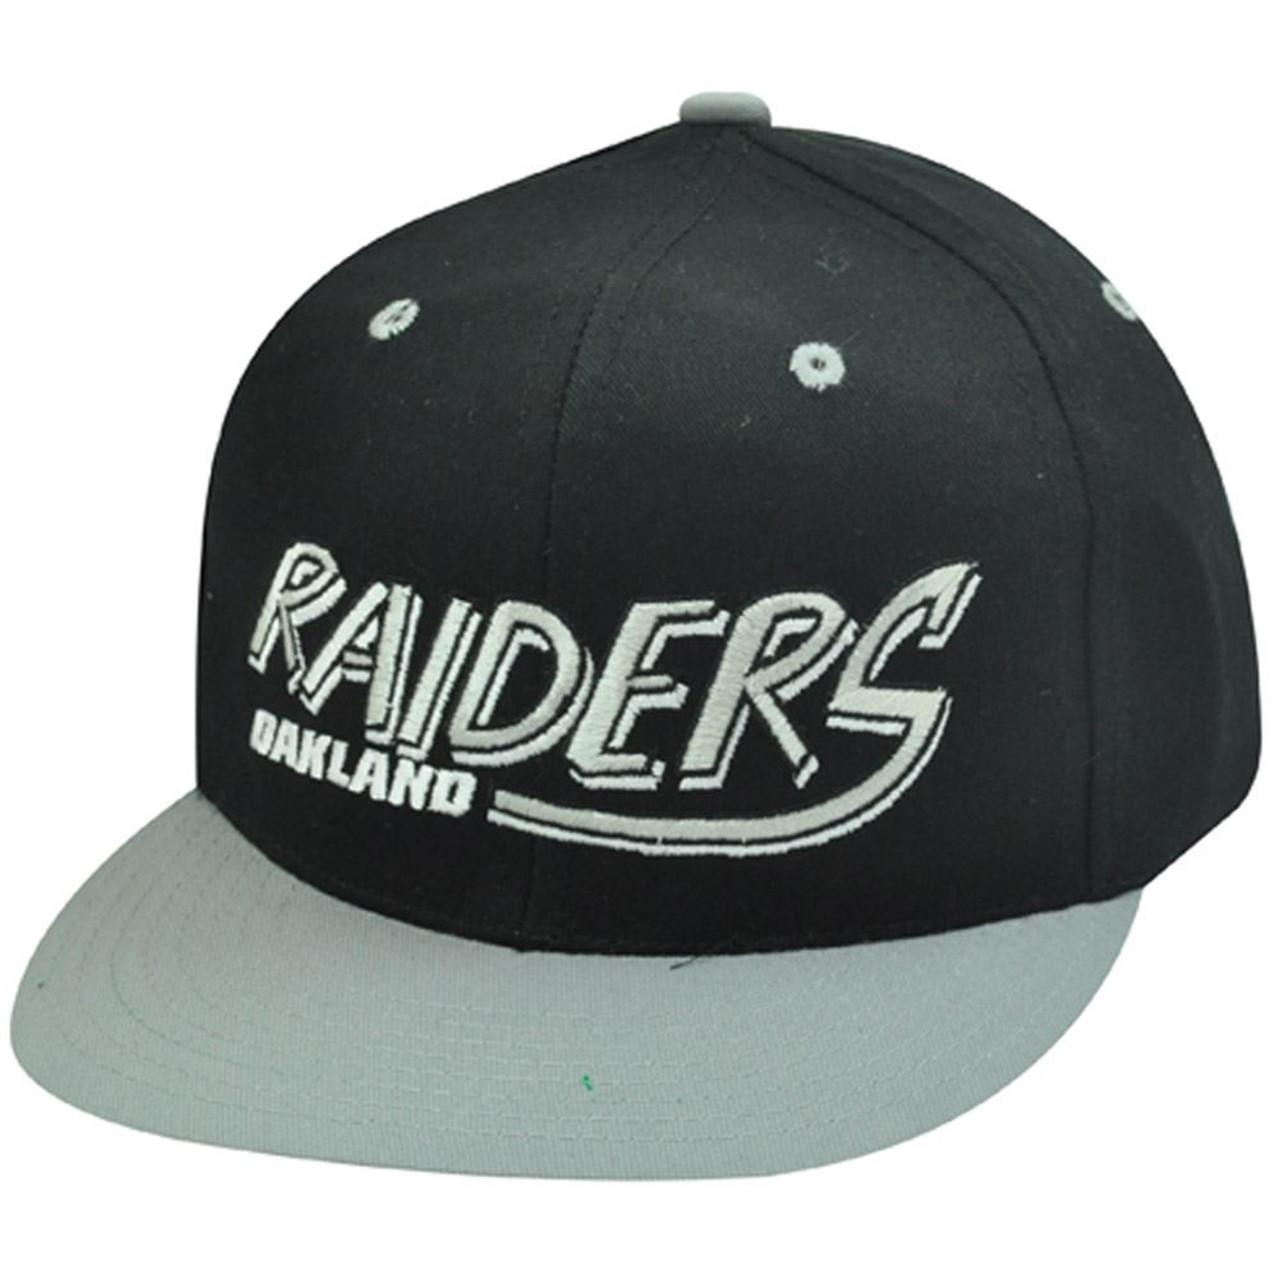 23462349b38a05 NFL OAKLAND RAIDERS BLACK OLD SCHOOL SNAPBACK CAP HAT - Cap Store Online.com